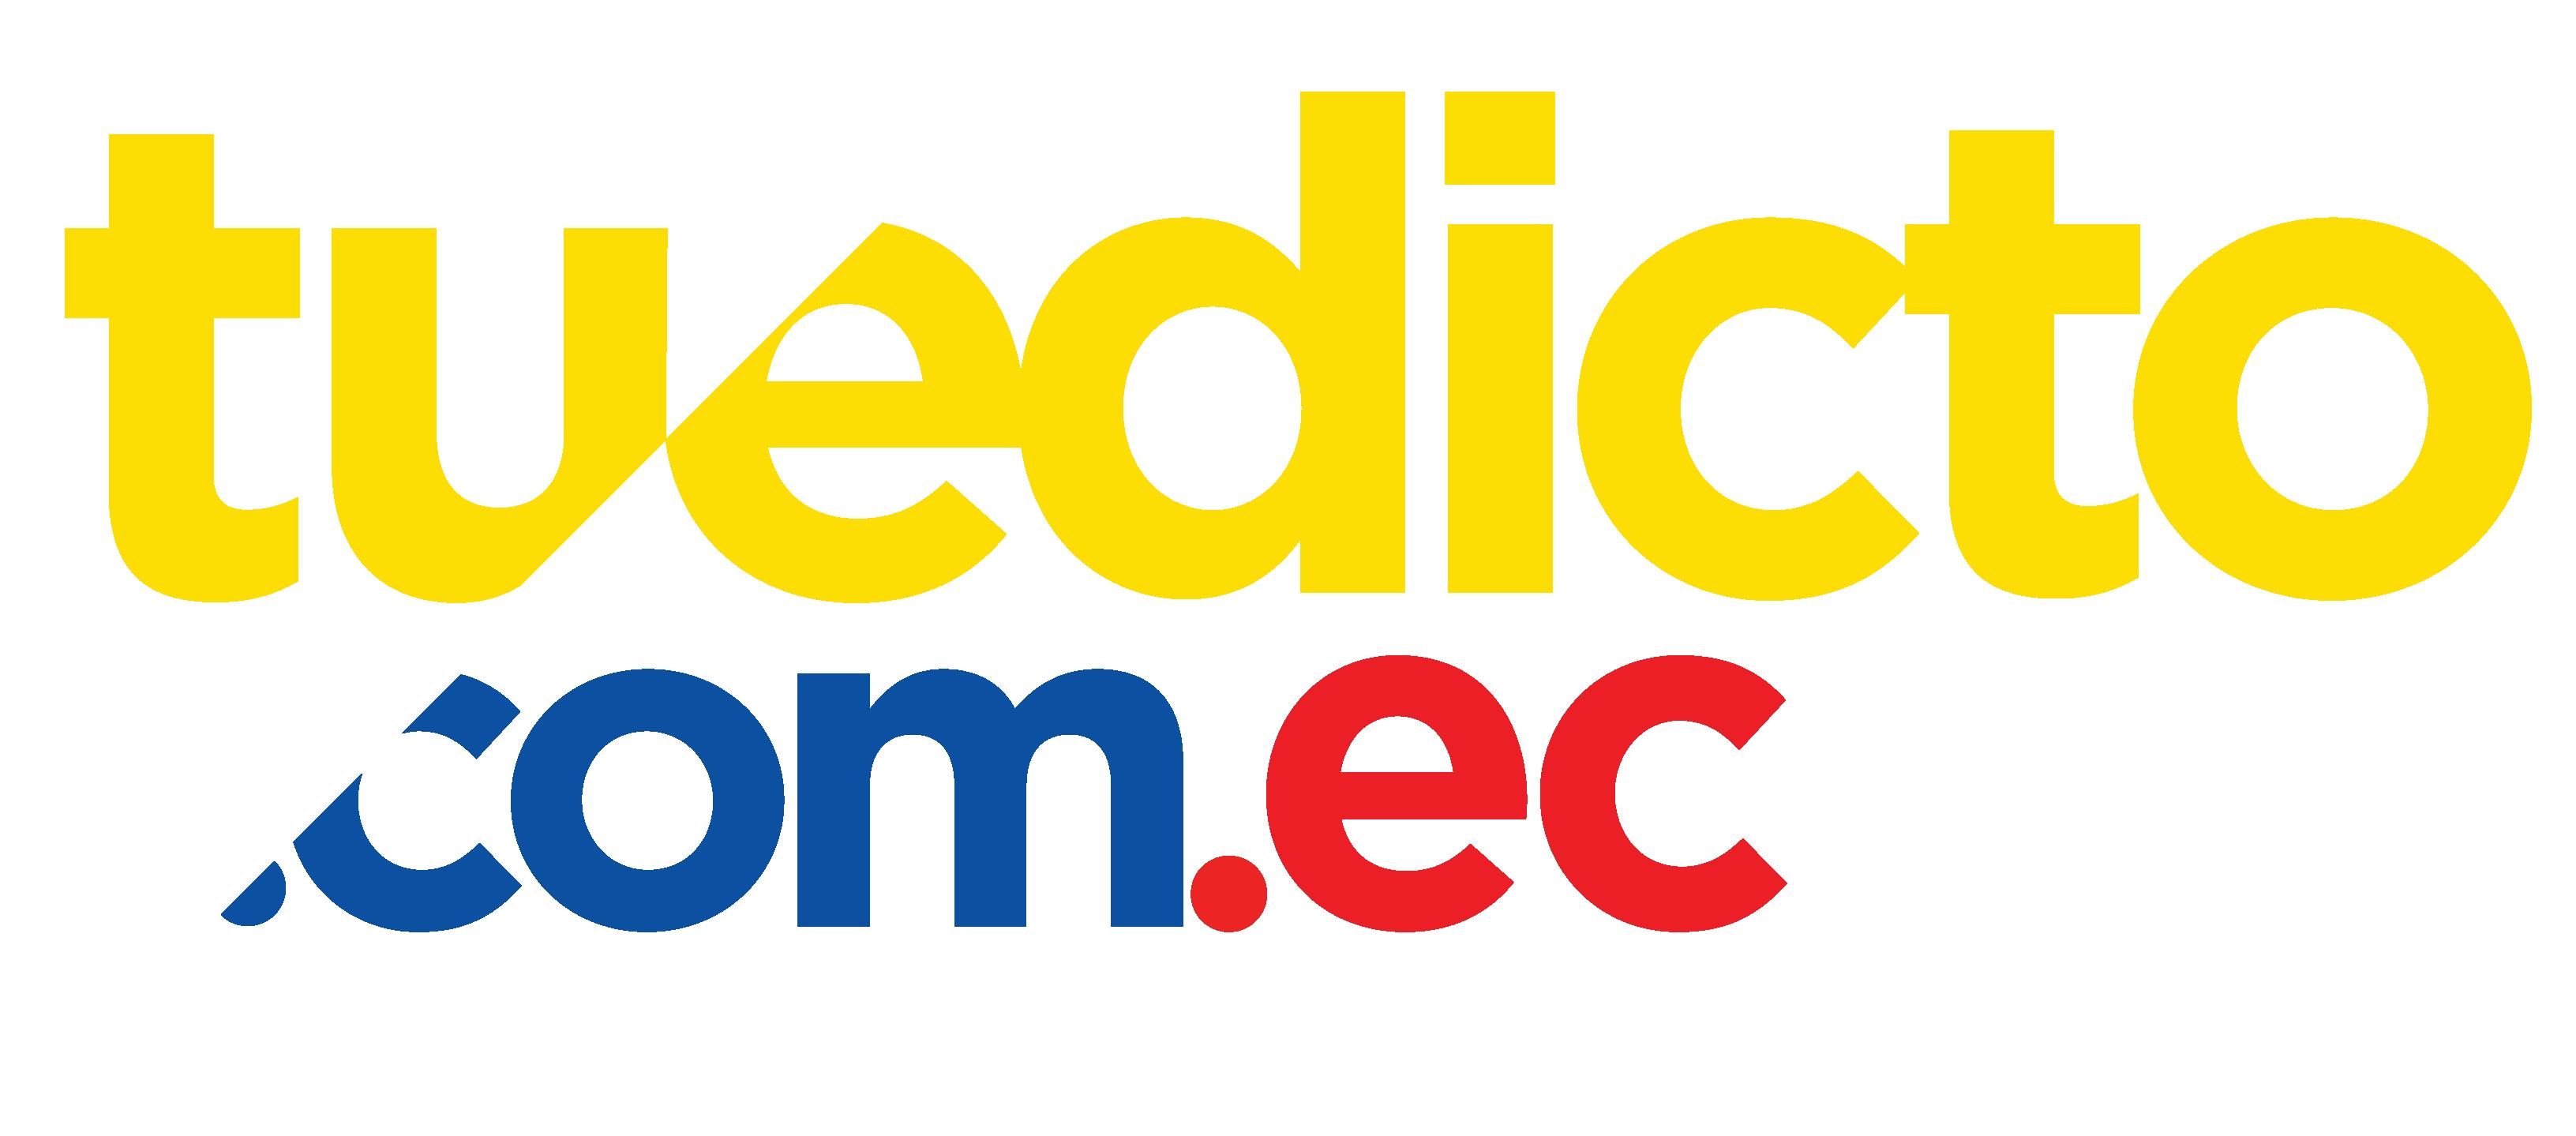 tuedicto.com.ec